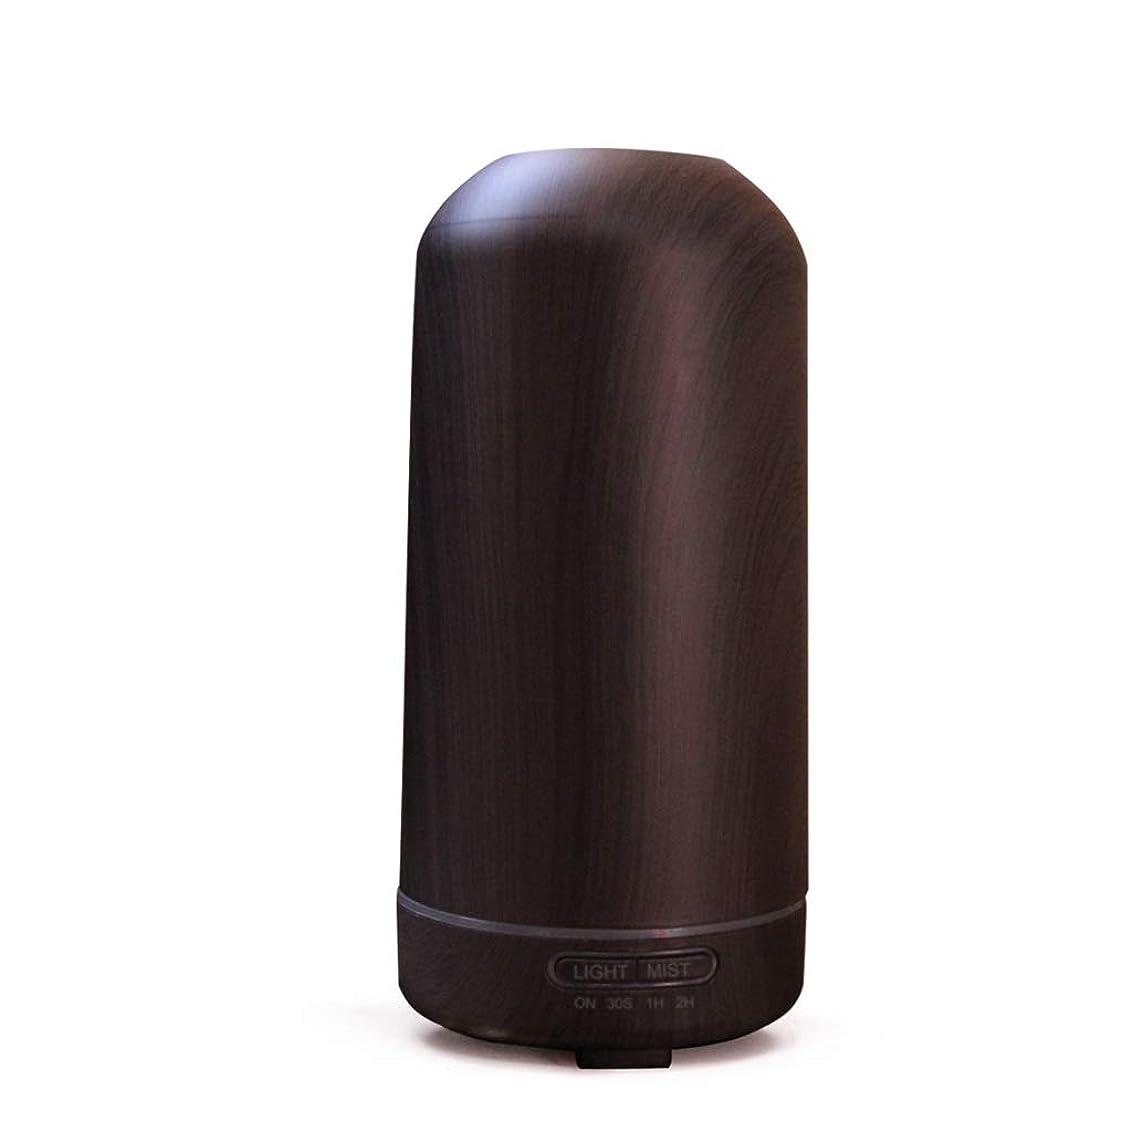 手荷物文献梨100ミリリットル超音波クールミスト加湿器カラーLEDライト付きホームヨガオフィススパ寝室ベビールーム - ウッドグレインディフューザー (Color : Dark wood grain)